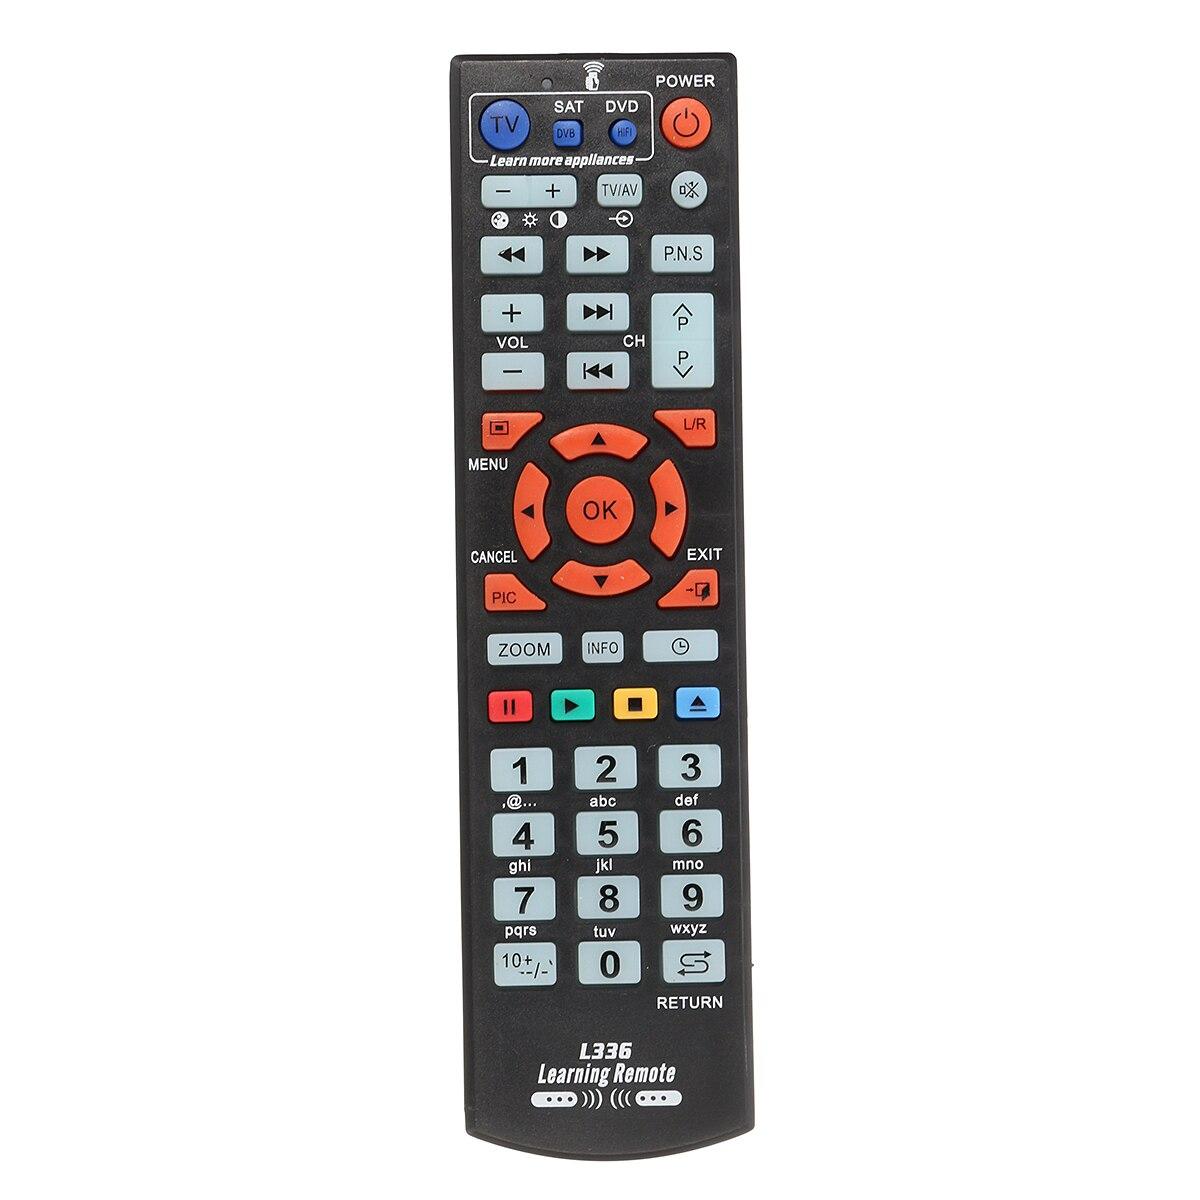 Универсальный ИК Интеллектуальные удаленные Управление ТВ Smart Remote Управление для DVD CBL СБ ТВ коробка английский шрифт с узнать Функция